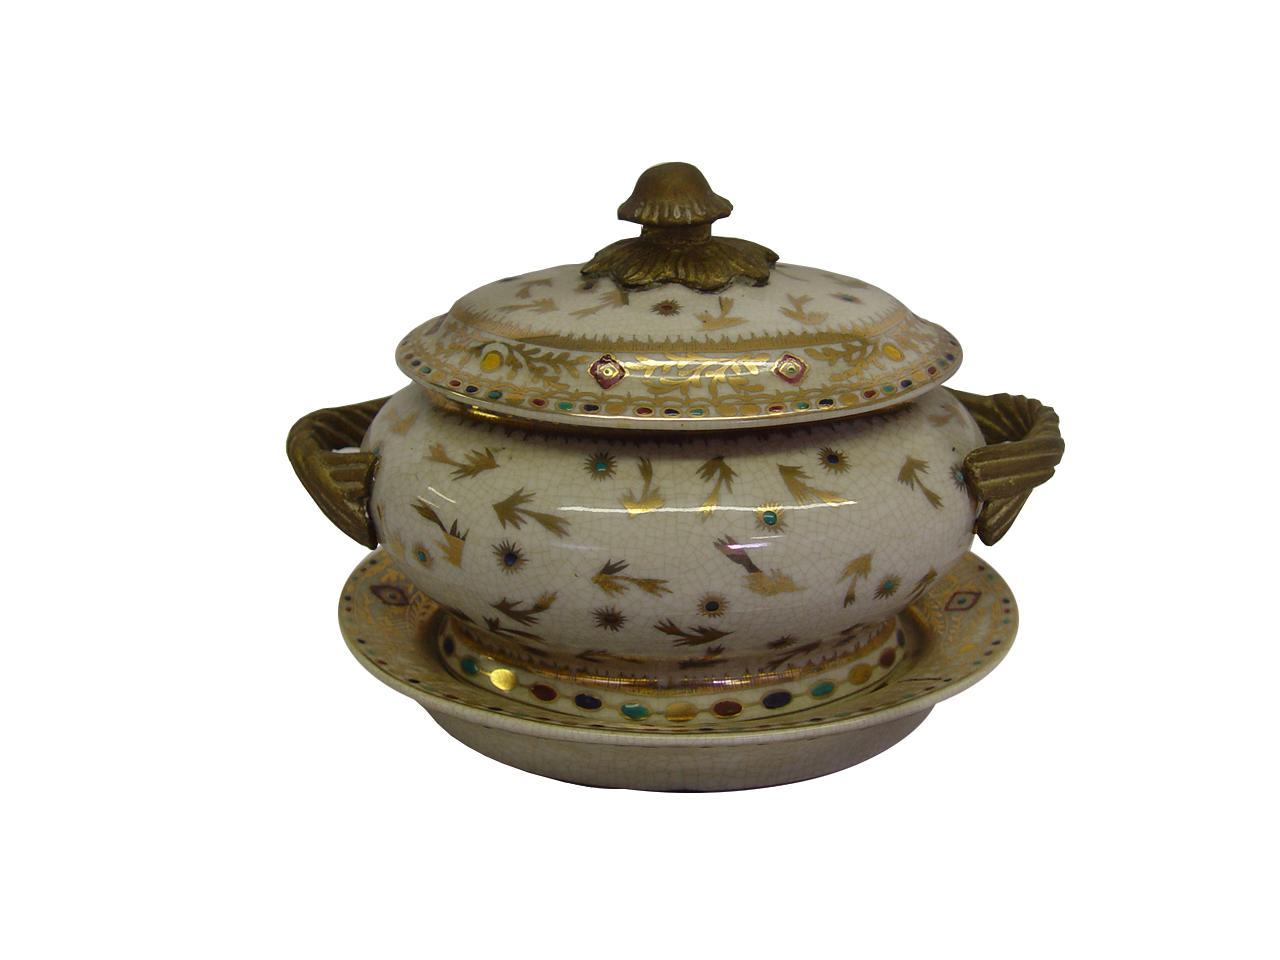 Golden Hays Porcelain Tureen